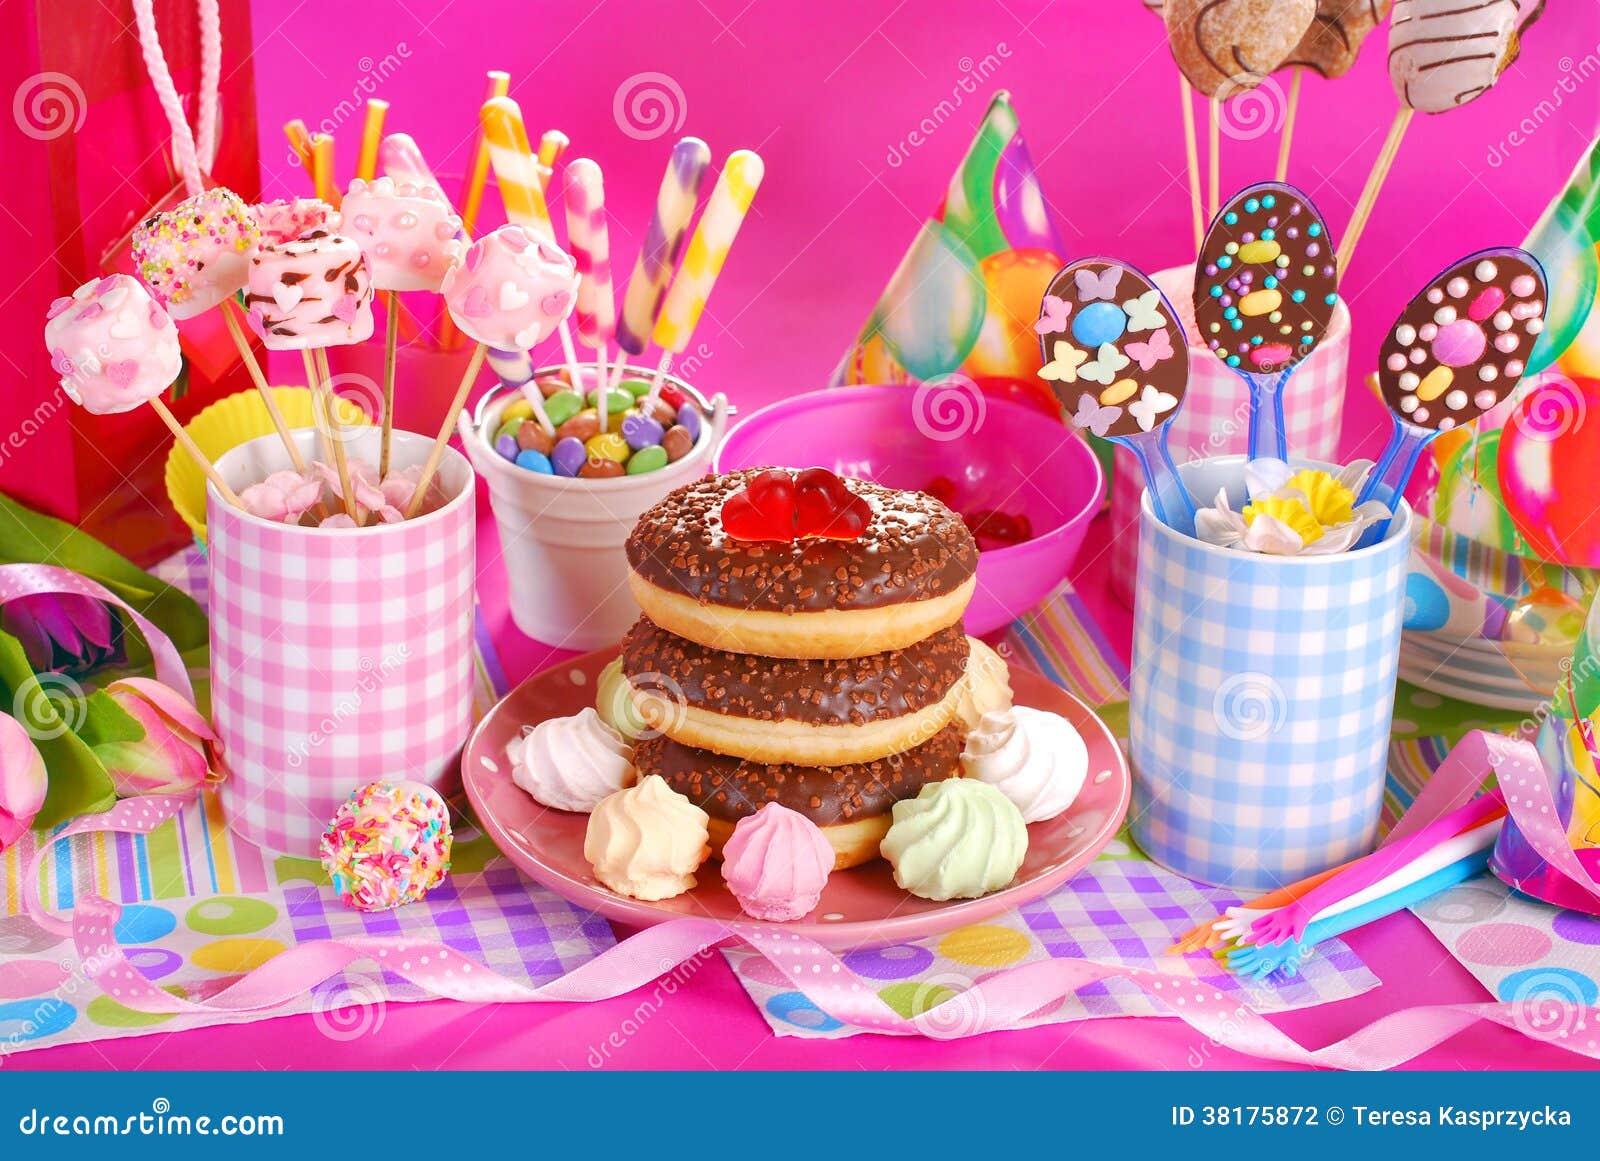 dulces with fiestas cumpleaos nios - Fiestas De Cumpleaos Originales